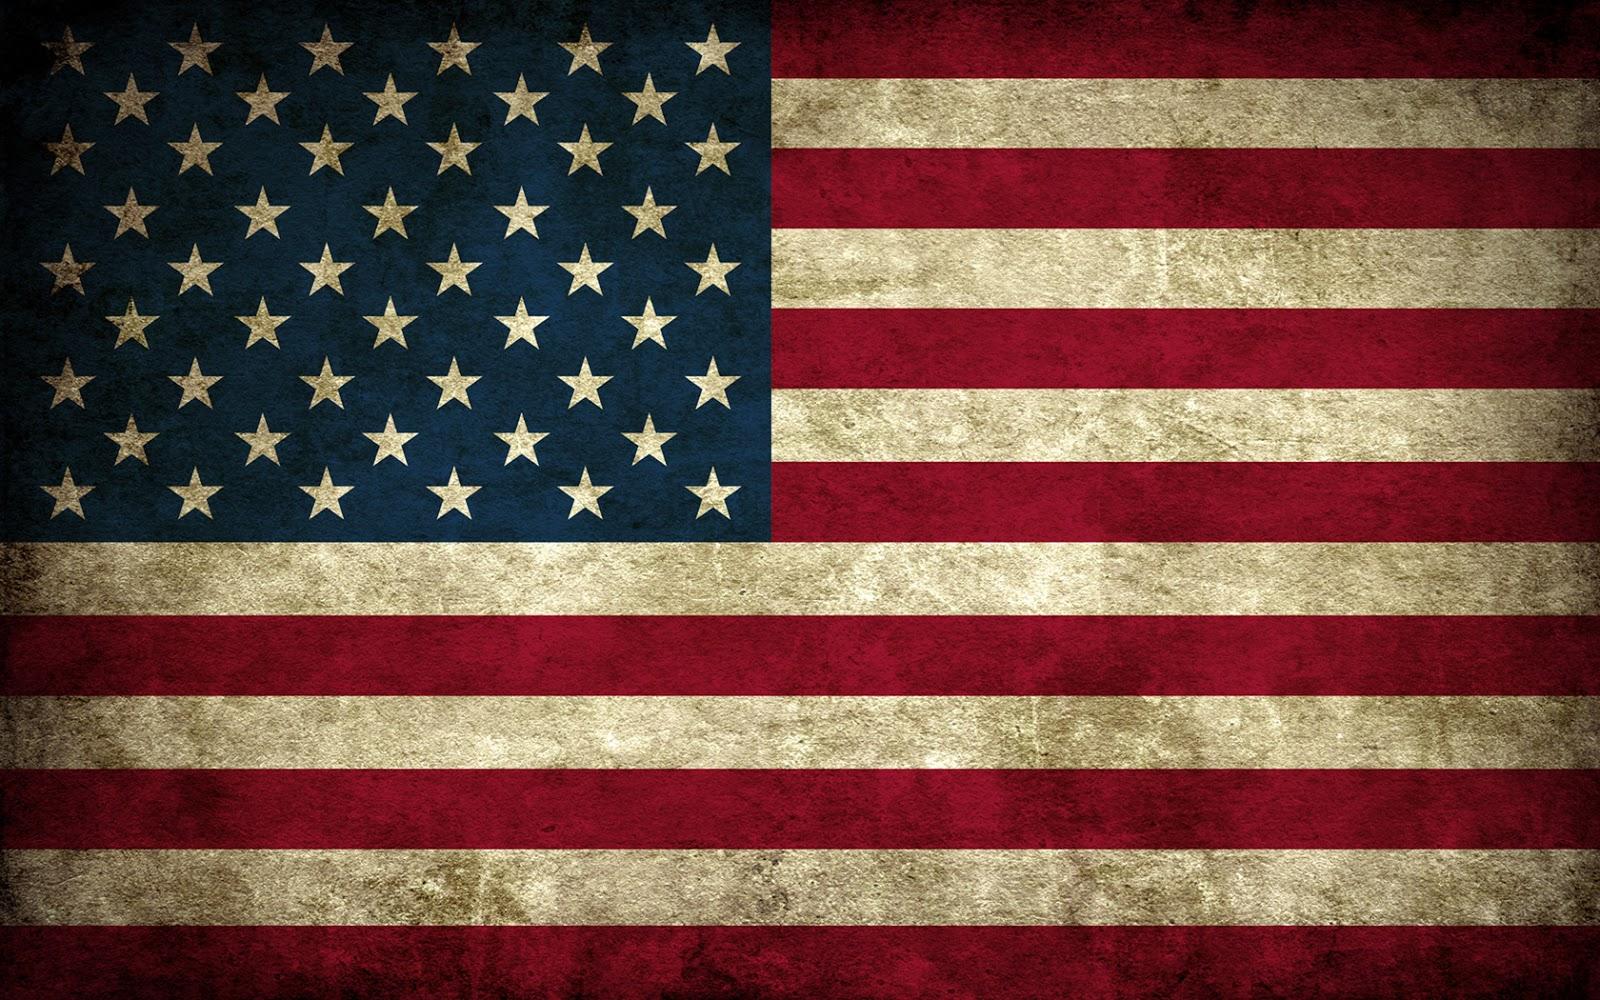 http://4.bp.blogspot.com/-DUKMpz0FfSQ/ToX53NwCfVI/AAAAAAAAAU8/6ZobeyyNG_g/s1600/usa-grunge-flag-hd-wallpaper-1680x1050.jpeg